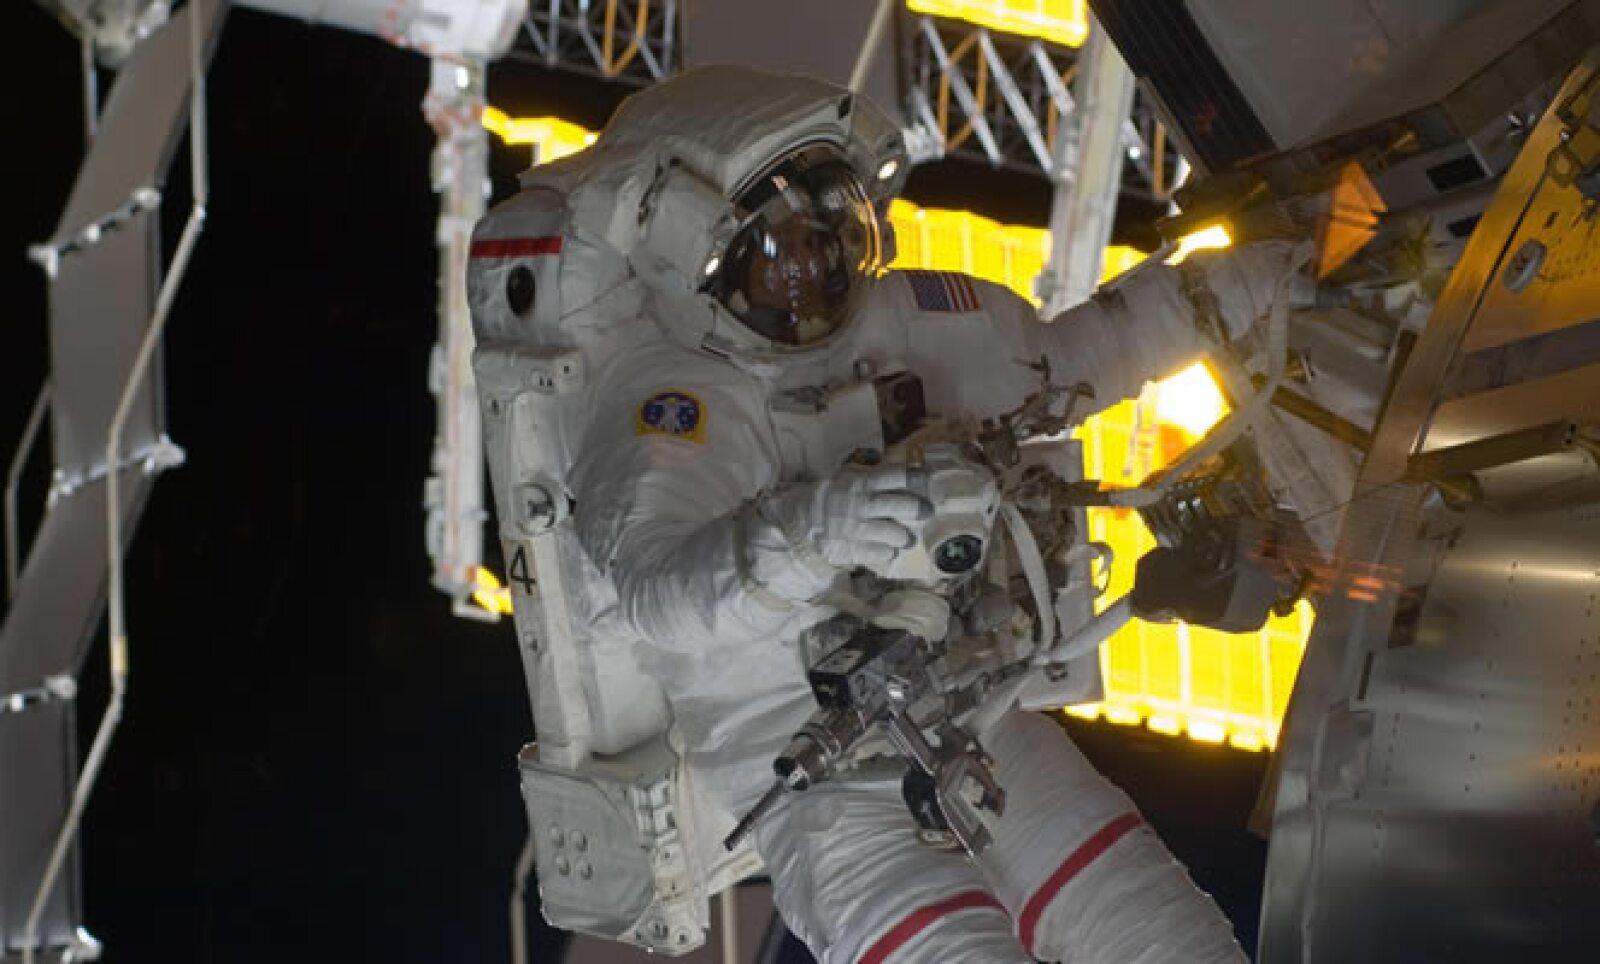 """El astronauta de origen mexicano, John """"Danny"""" Olivas empezó el miércoles con la primera de tres caminatas espaciales programadas como misión del Discovery en la construcción y reparación de la Estación Espacial Internacional."""